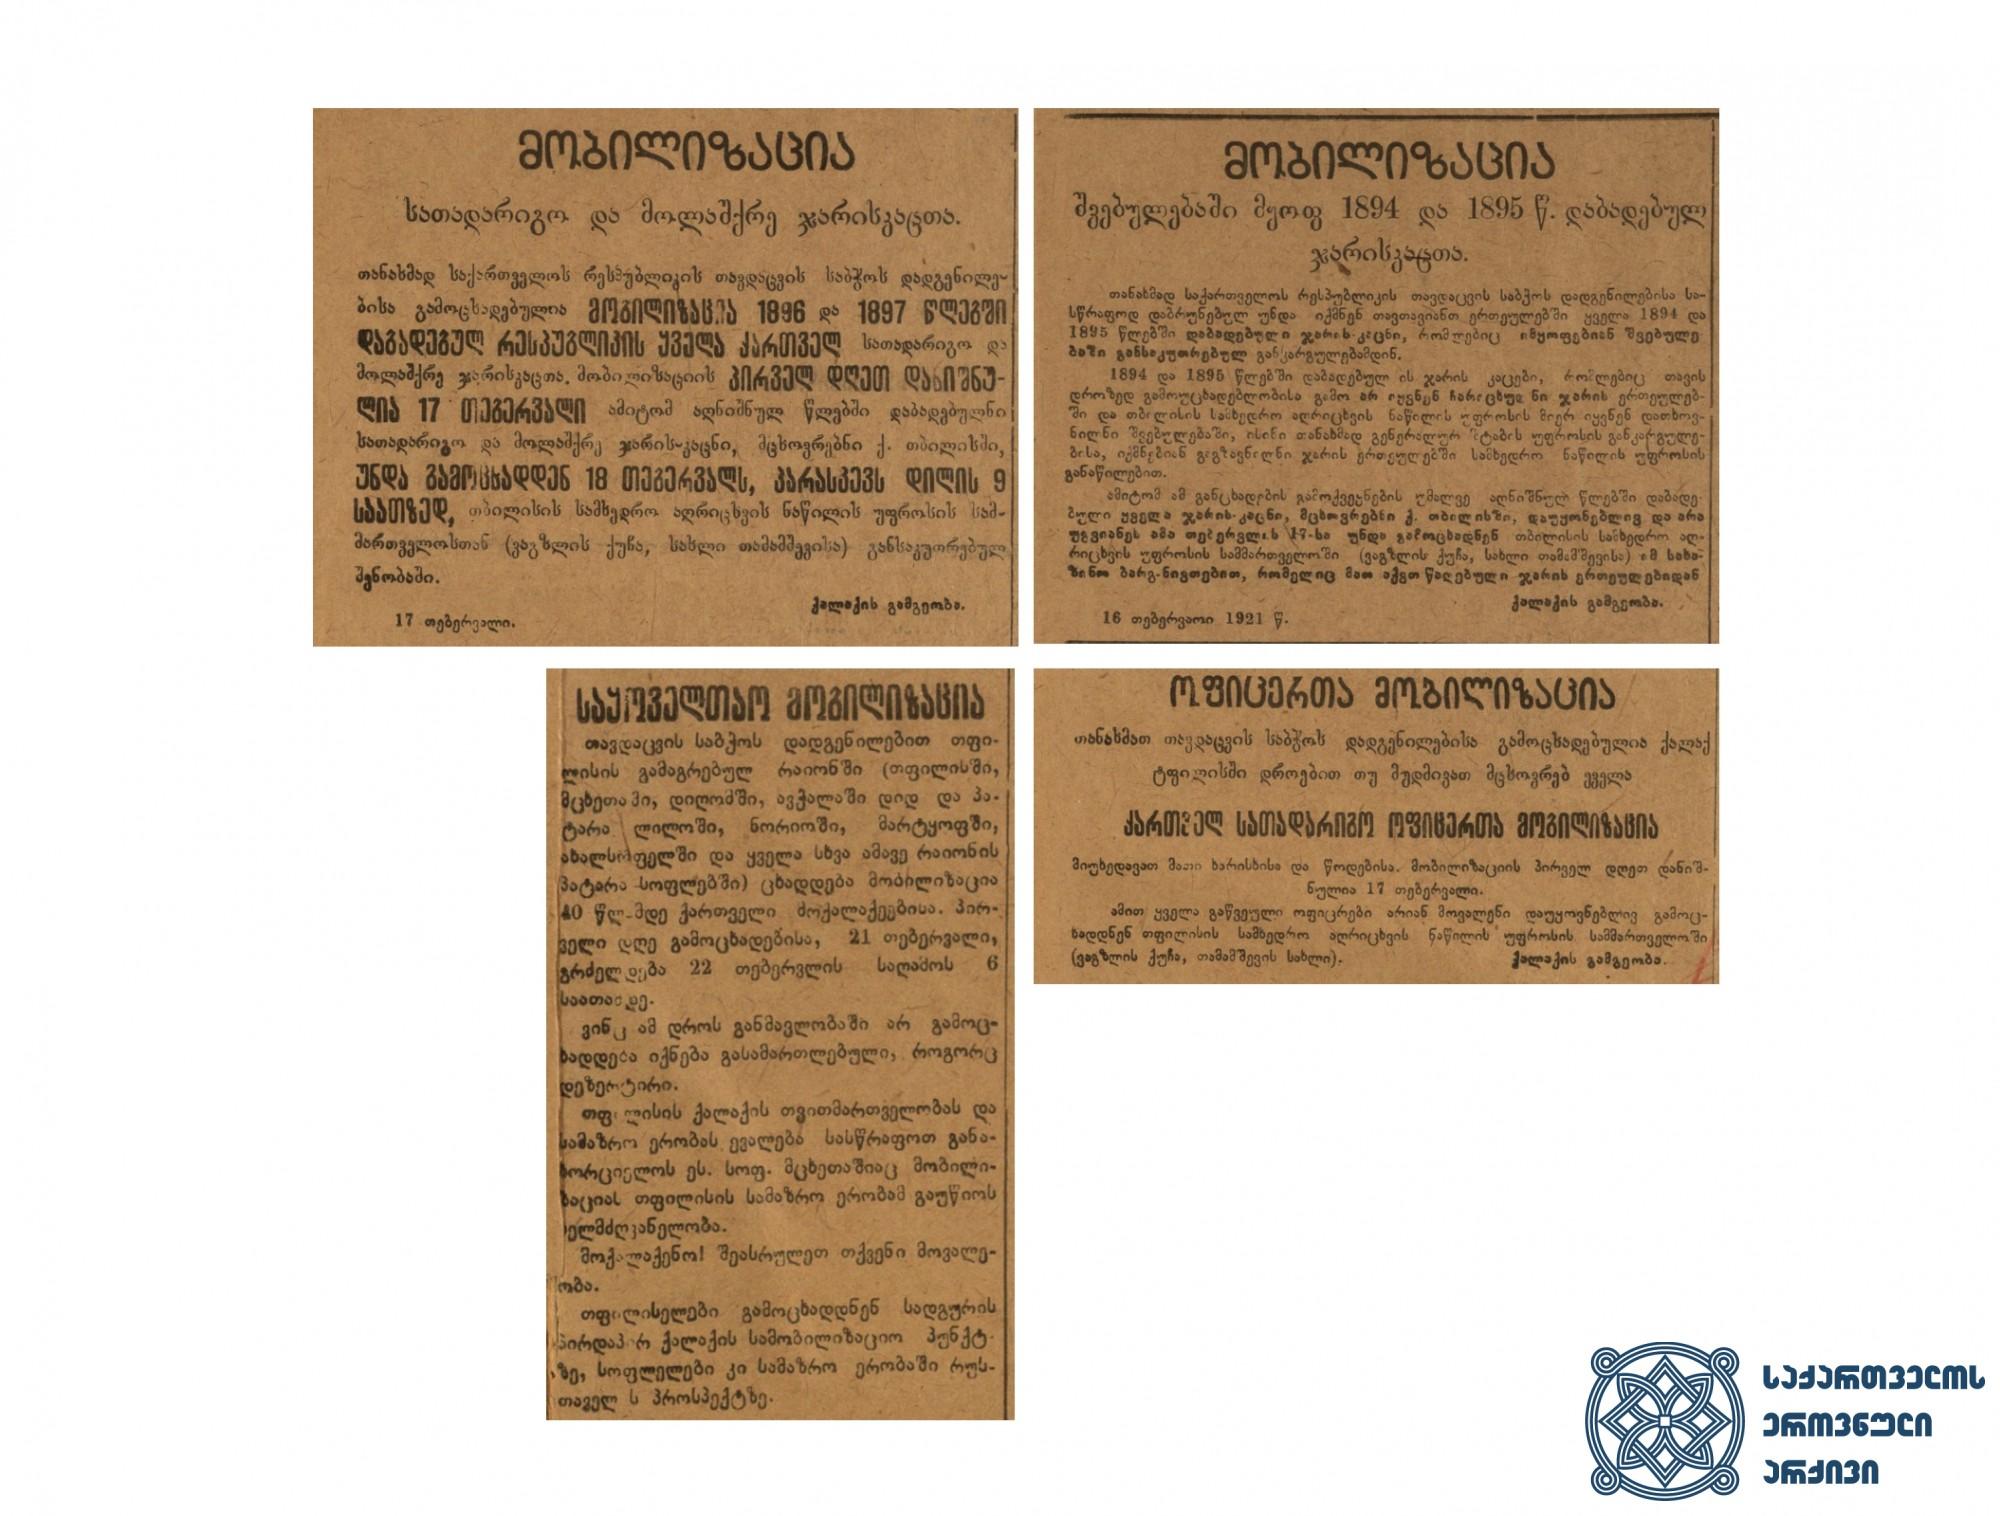 ომის დროს პრესაში დაბეჭდილი სამობილიზაციო განცხადებები. <br> 1921 წლის თებერვალი. <br> Mobilization statements printed in the press during the war. <br> February 1921.